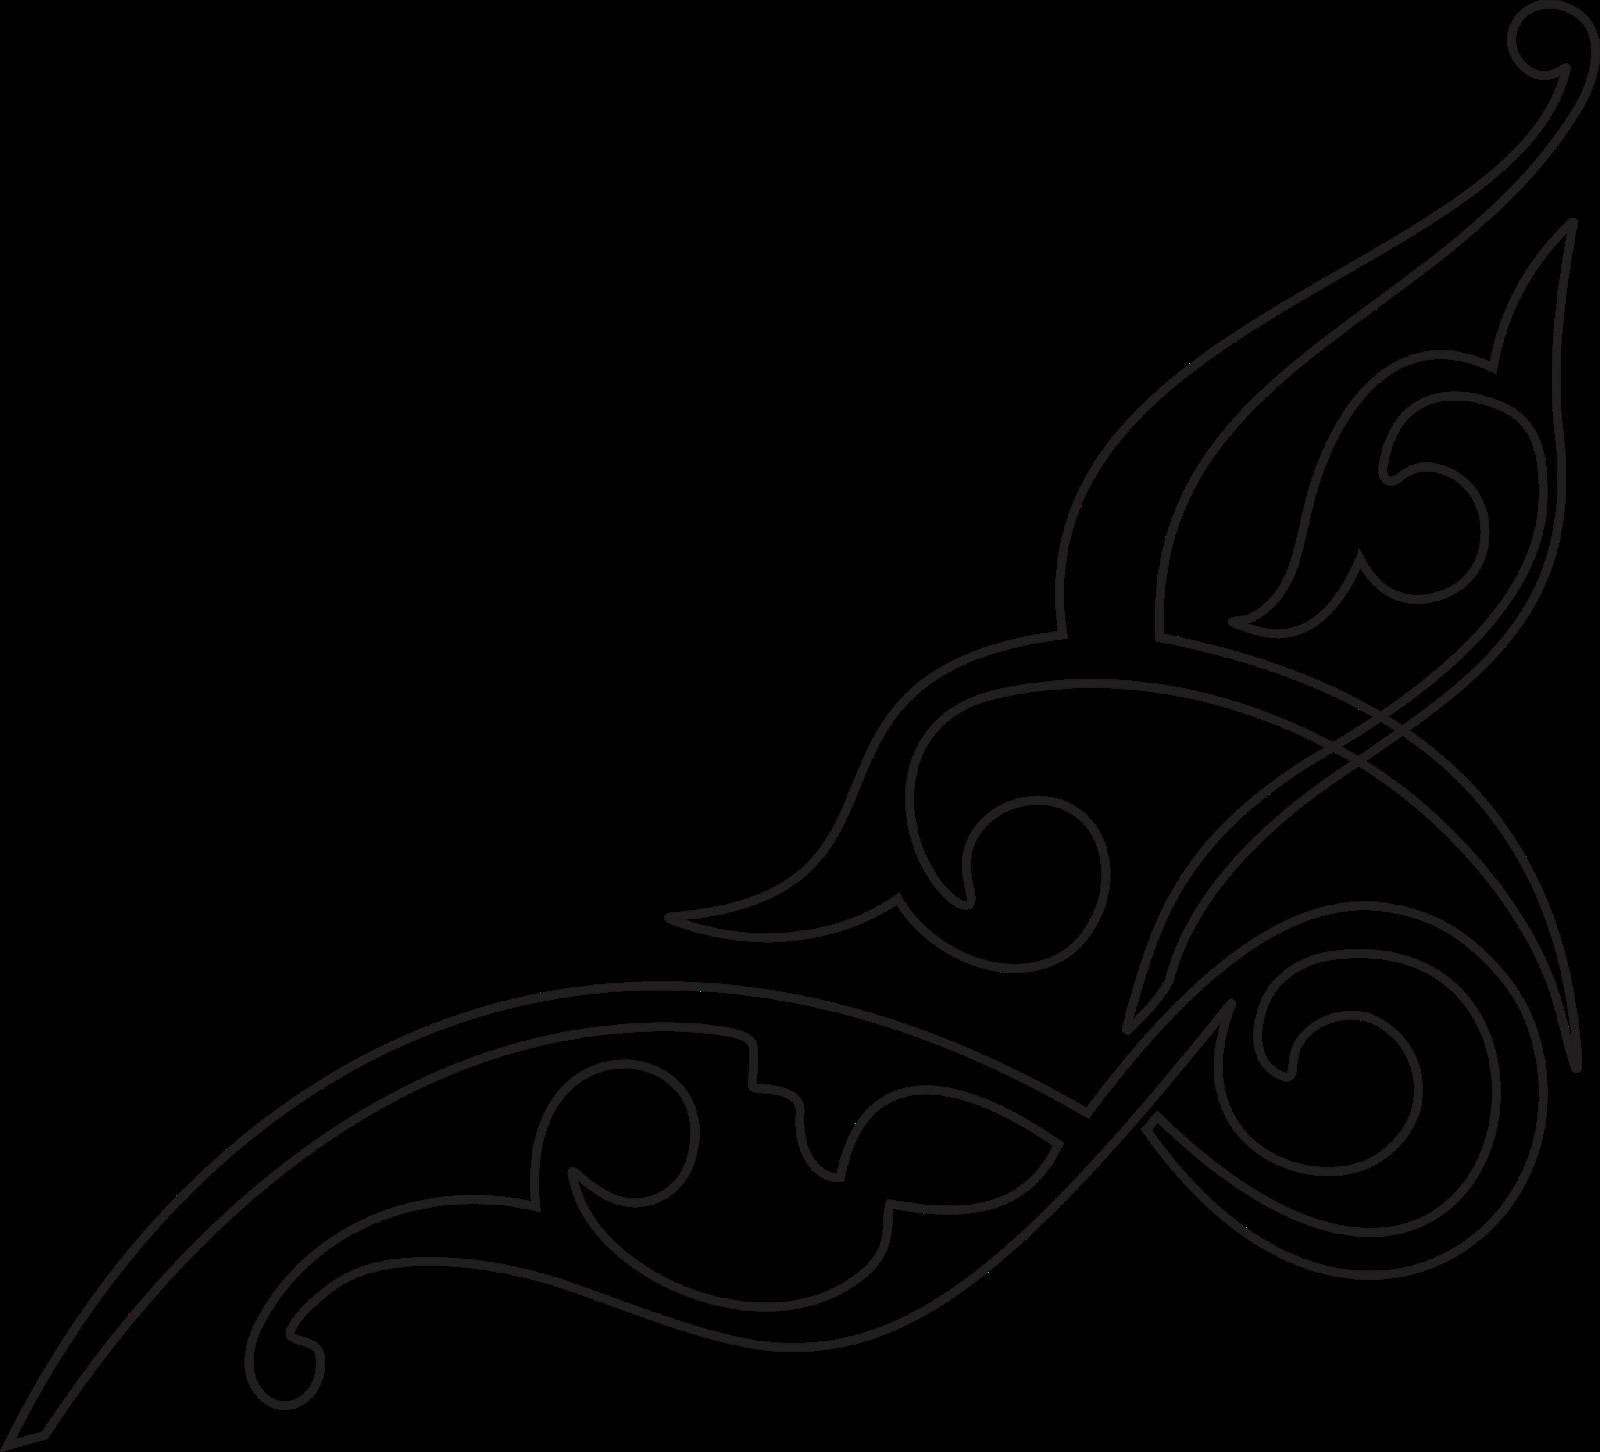 Serarslan Kaligrafi adlı kullanıcının Calligraphy